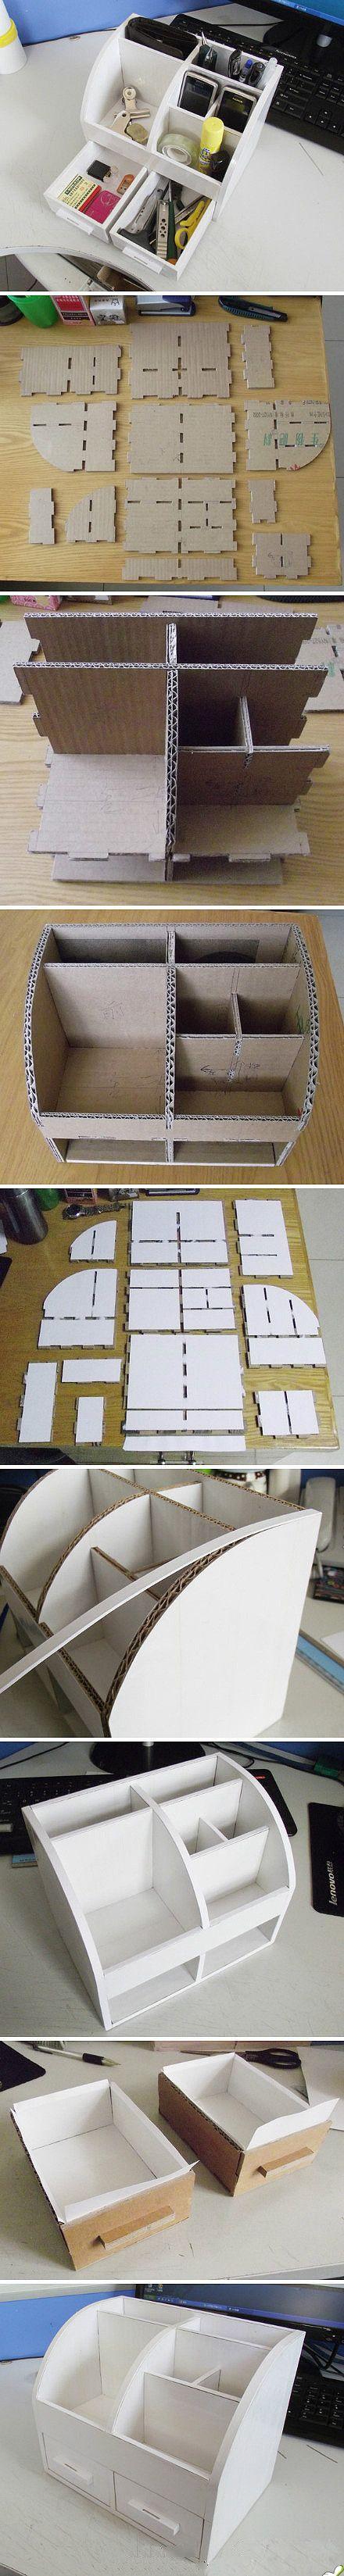 Práctico organizador de escritorio hecho de cartón